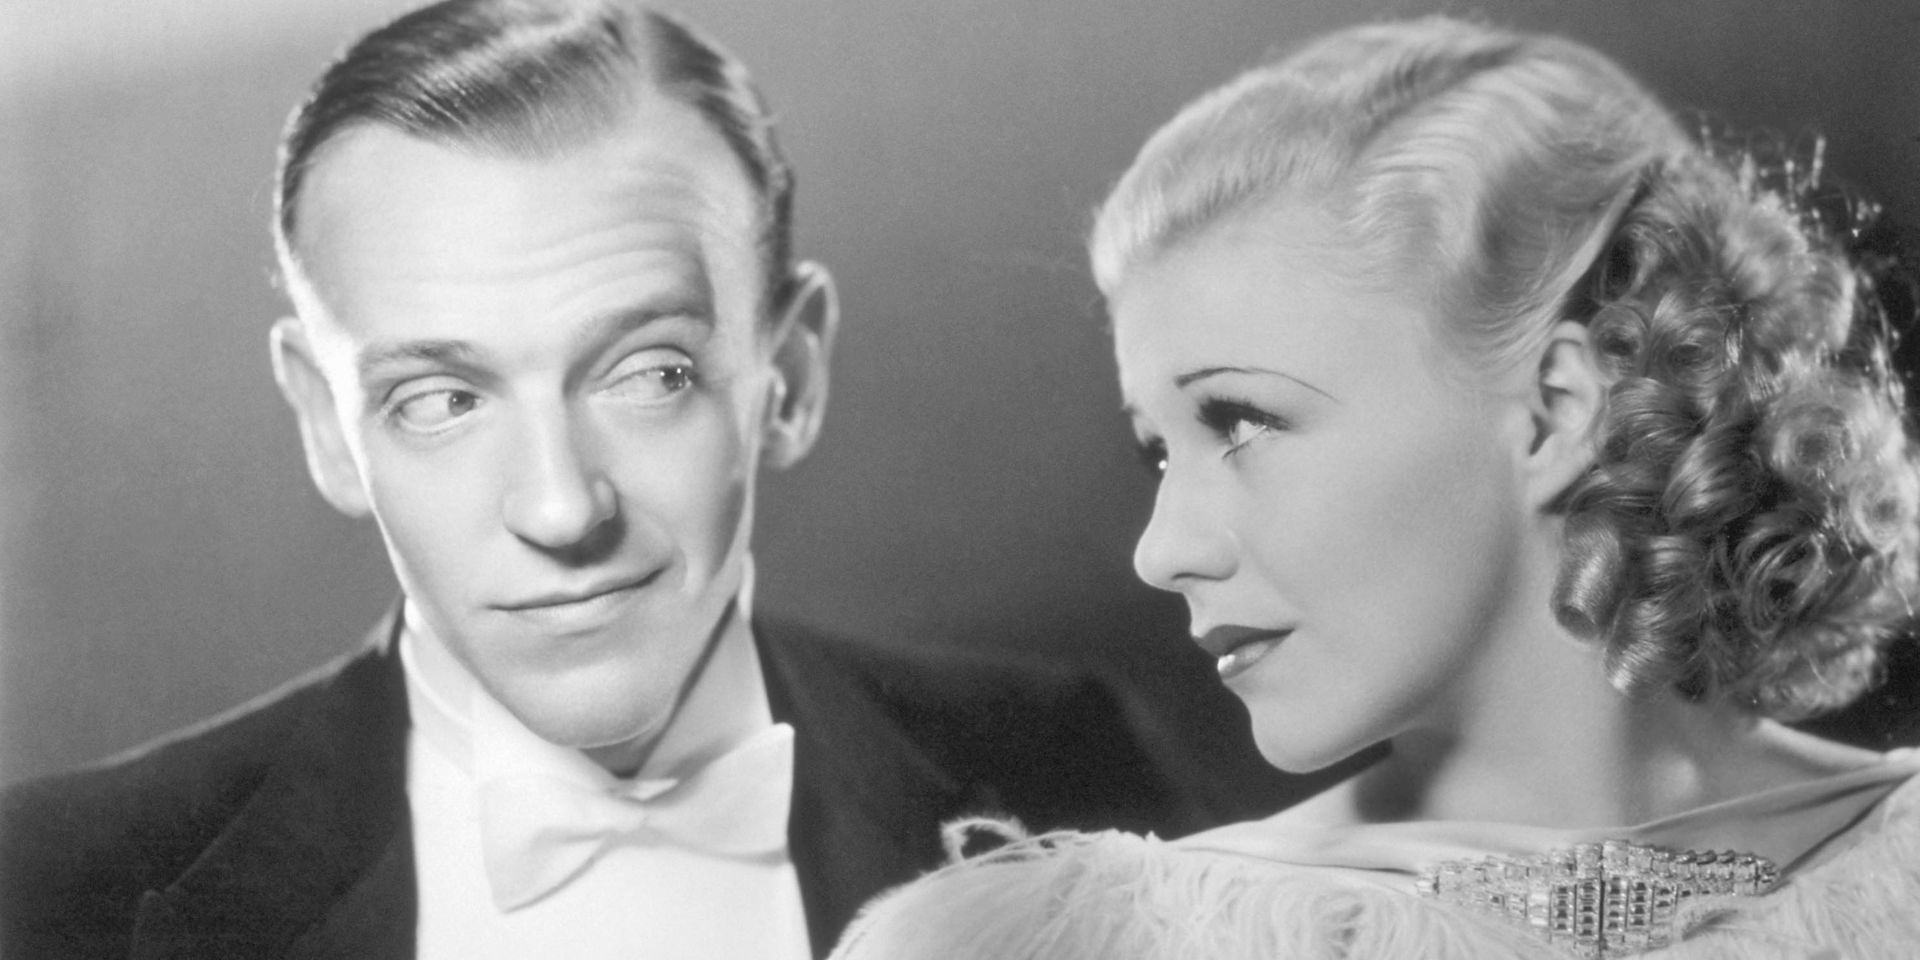 Los Bailes De Ginger Rogers Con Sus Amantes Y Su Odio Mortal Hacia Fred Astaire Chic